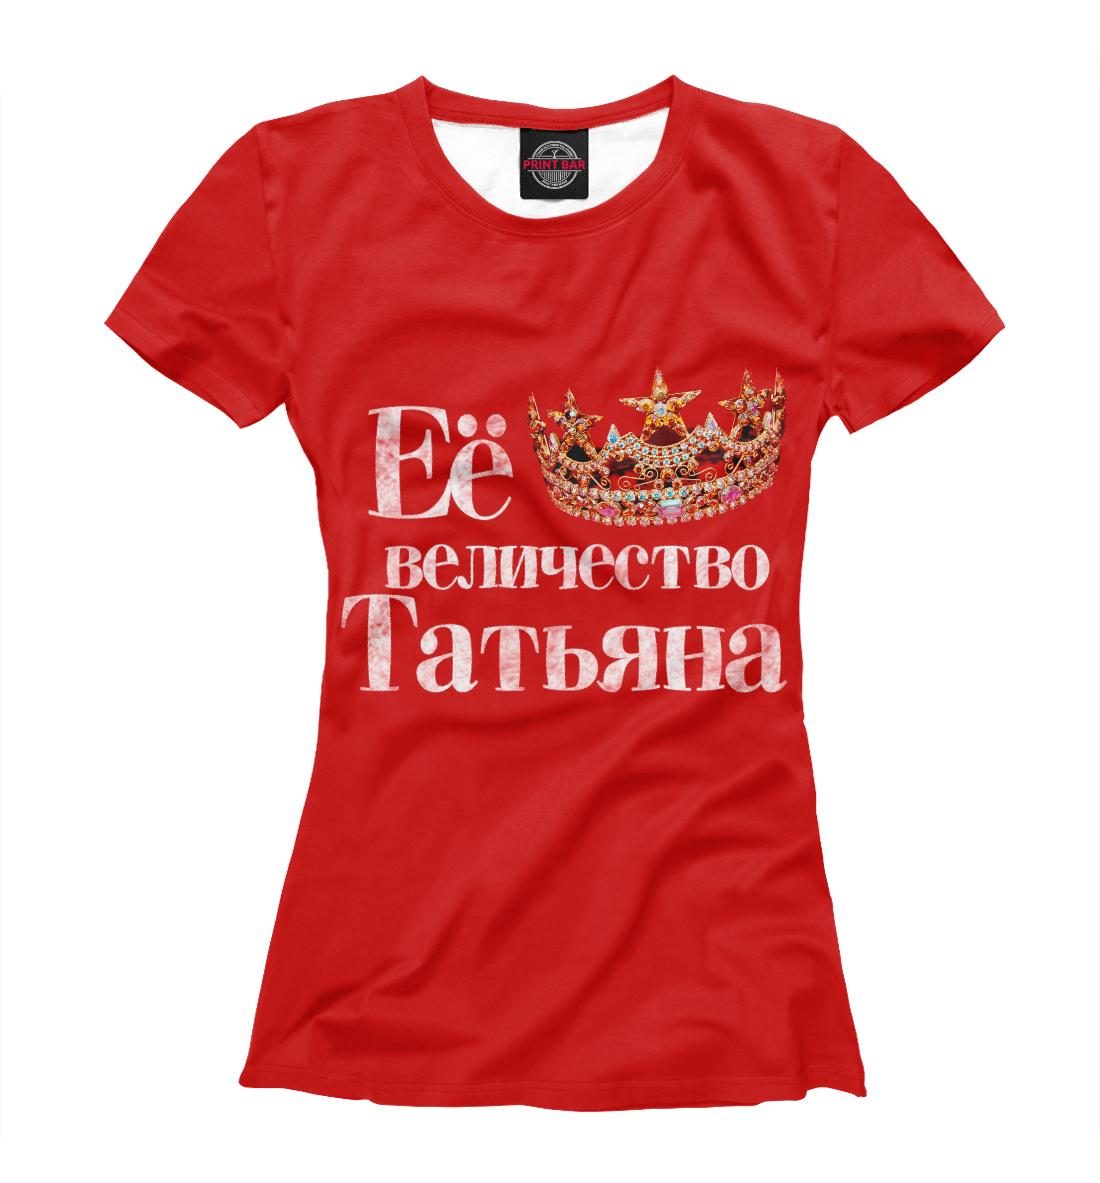 Фото - Её величество Татьяна её величество василиса